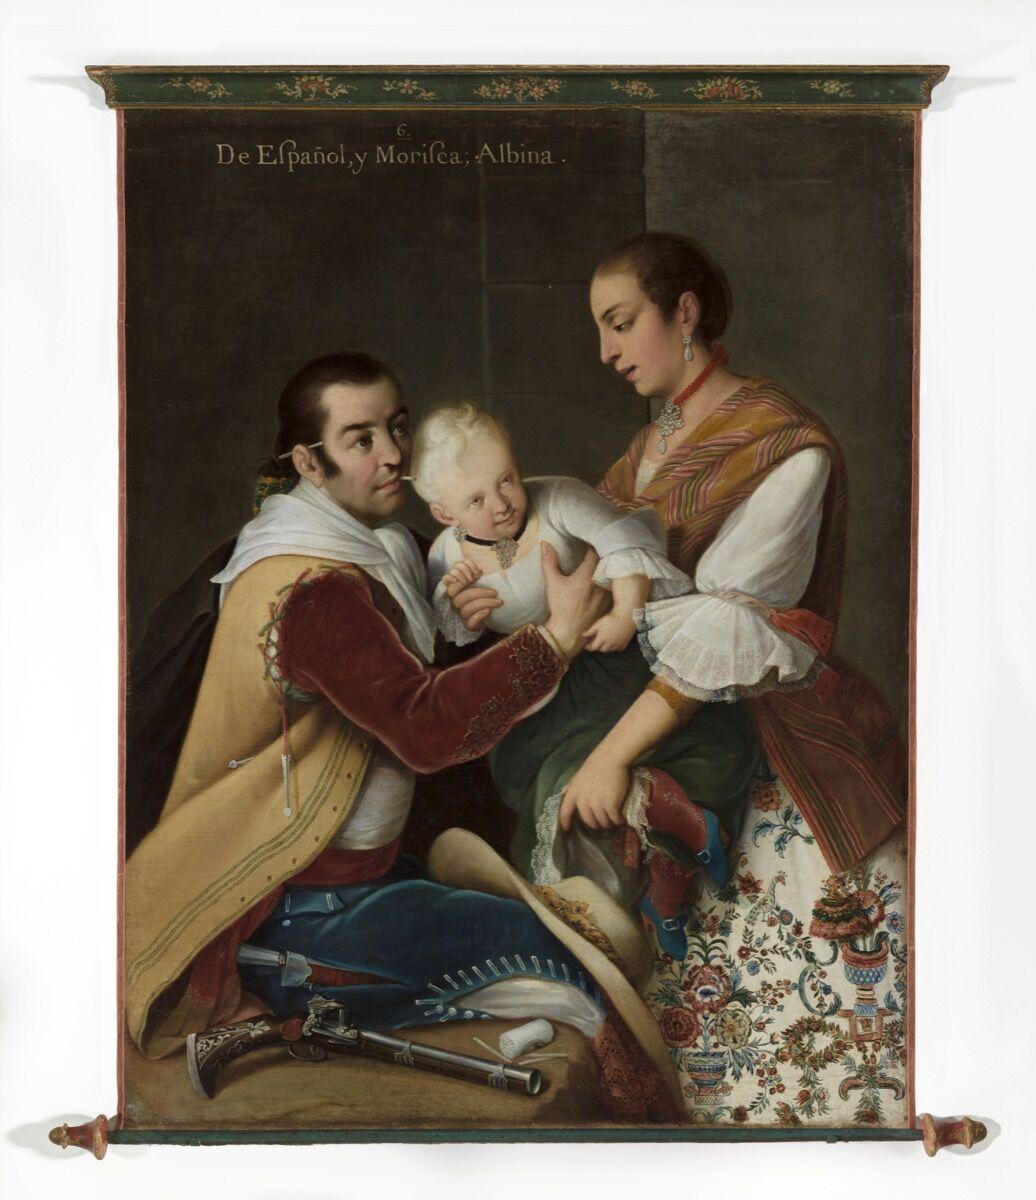 Miguel Cabrera, From Spaniard and Morisca, Albino Girl (De español y morisca, albina), 1763. © Museum Associates/LACMA. Courtesy of the Los Angeles County Museum of Art.